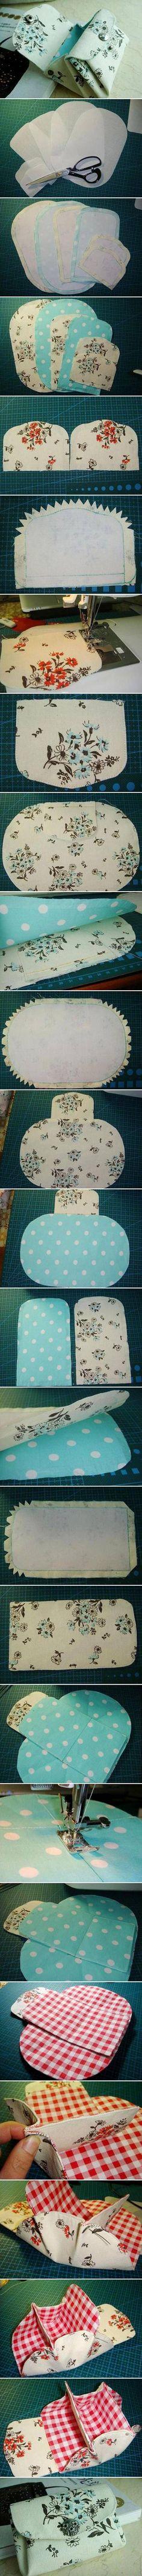 DIY ткани складной кошелек DIY Ткань Складной Кошелек: